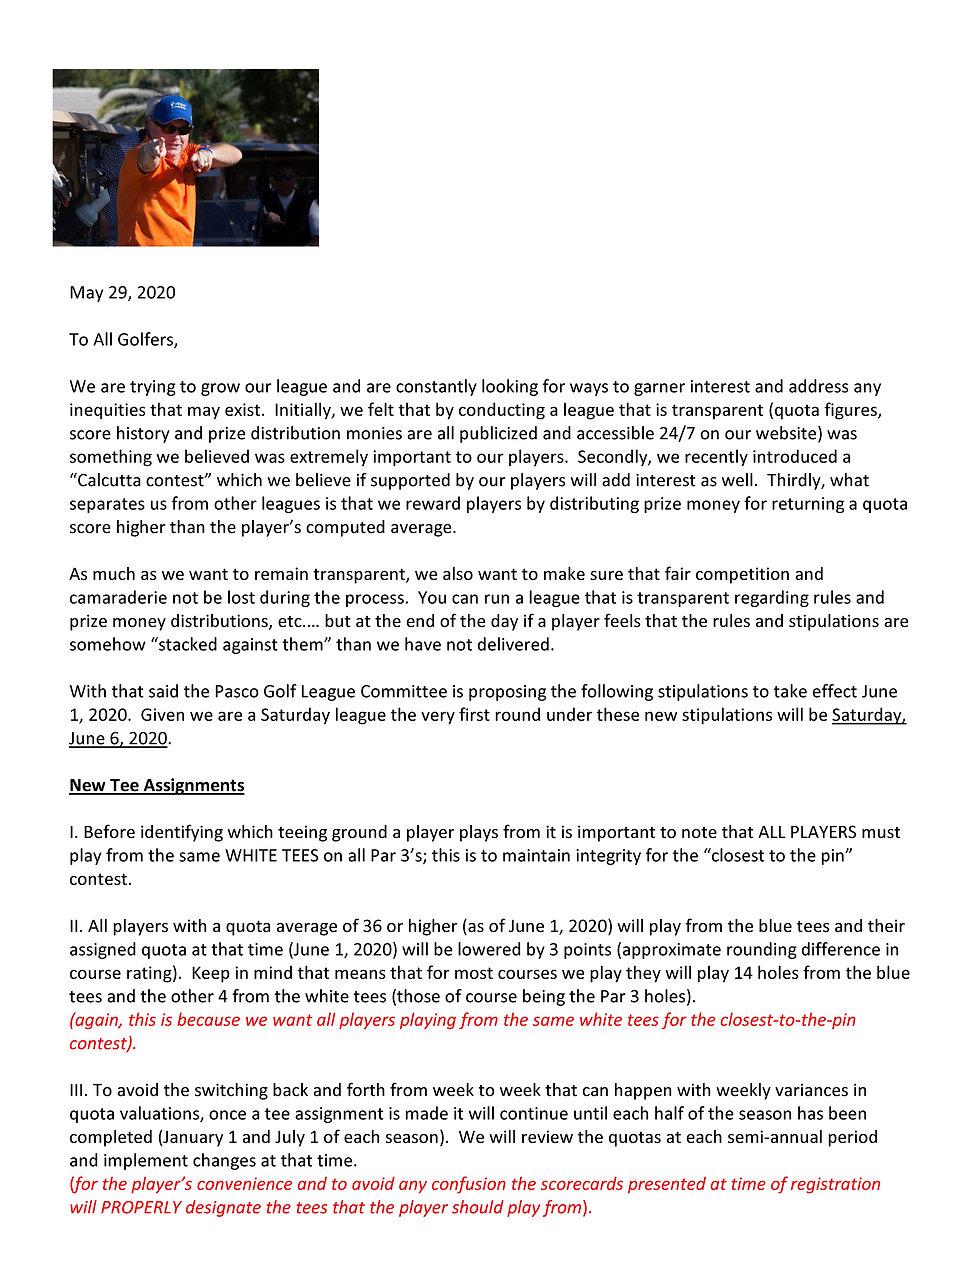 League letter_Page_1.jpg